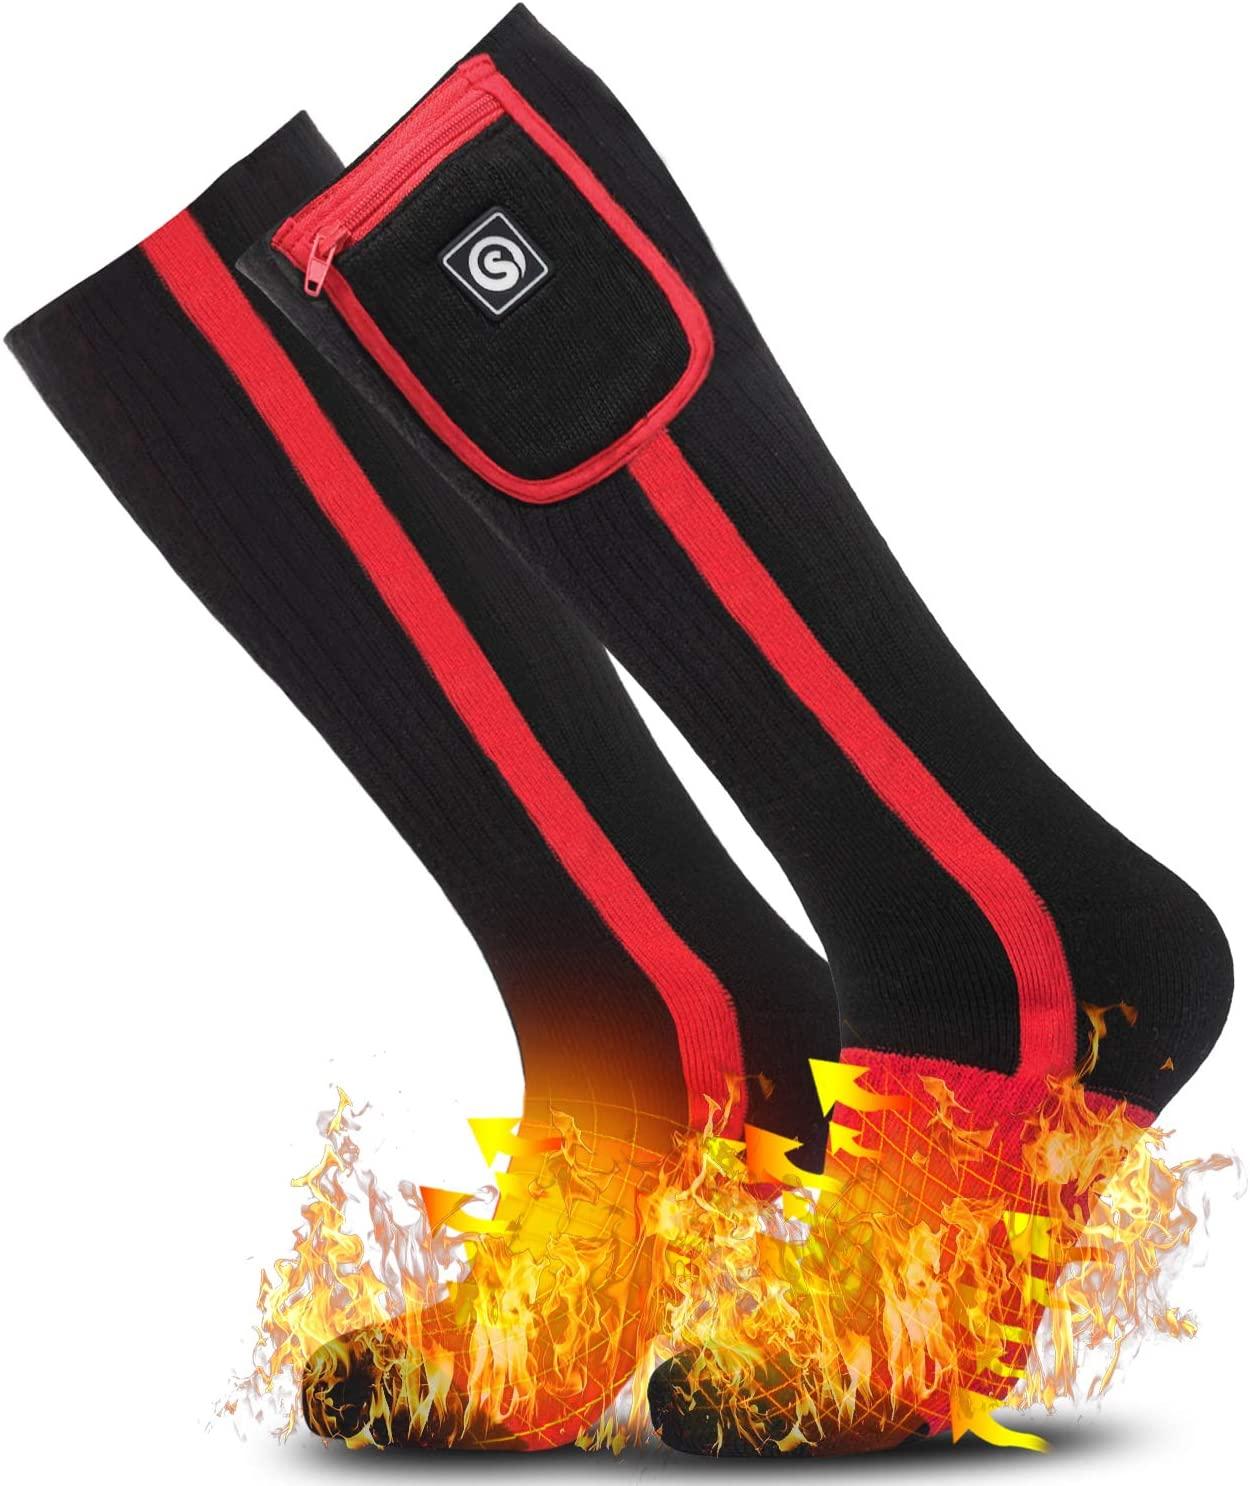 Bezdoteku Vyhřívané ponožky podkolenky Savior BR černé vel. S